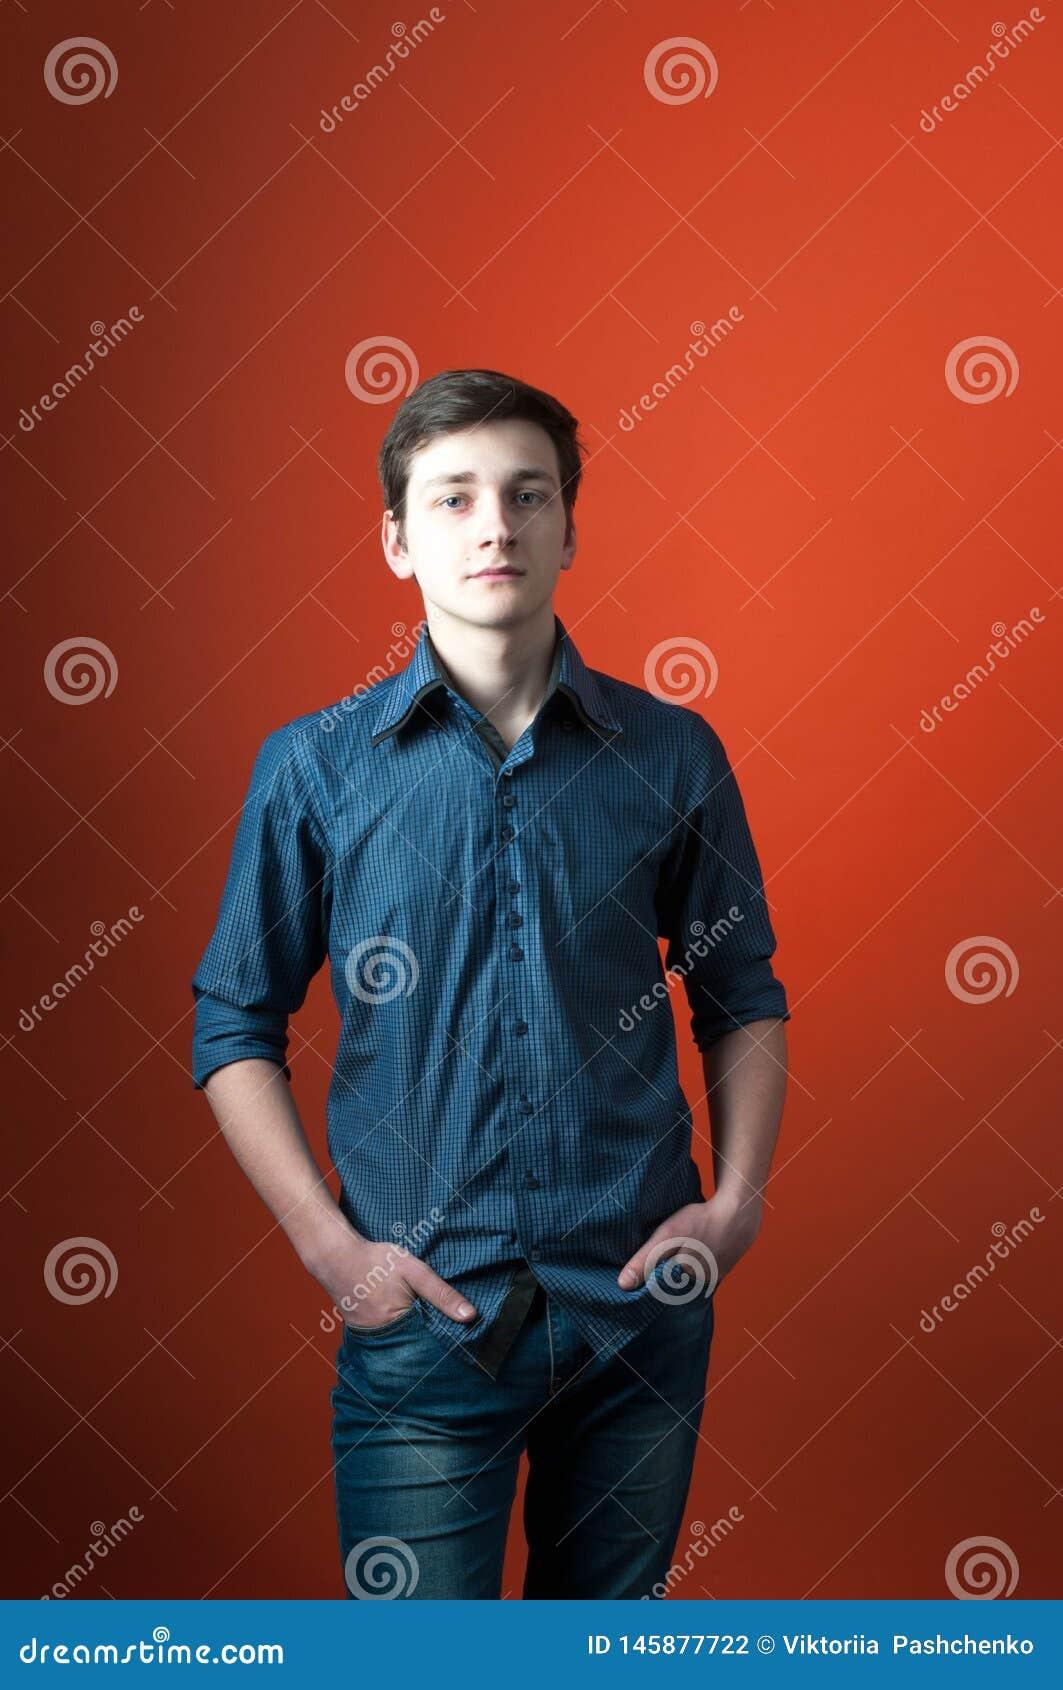 Το Barista στο μπλε πουκάμισο και τα τζιν που στέκονται με παραδίδει τις τσέπες και την εξέταση τη κάμερα στο πορτοκαλί υπόβαθρο